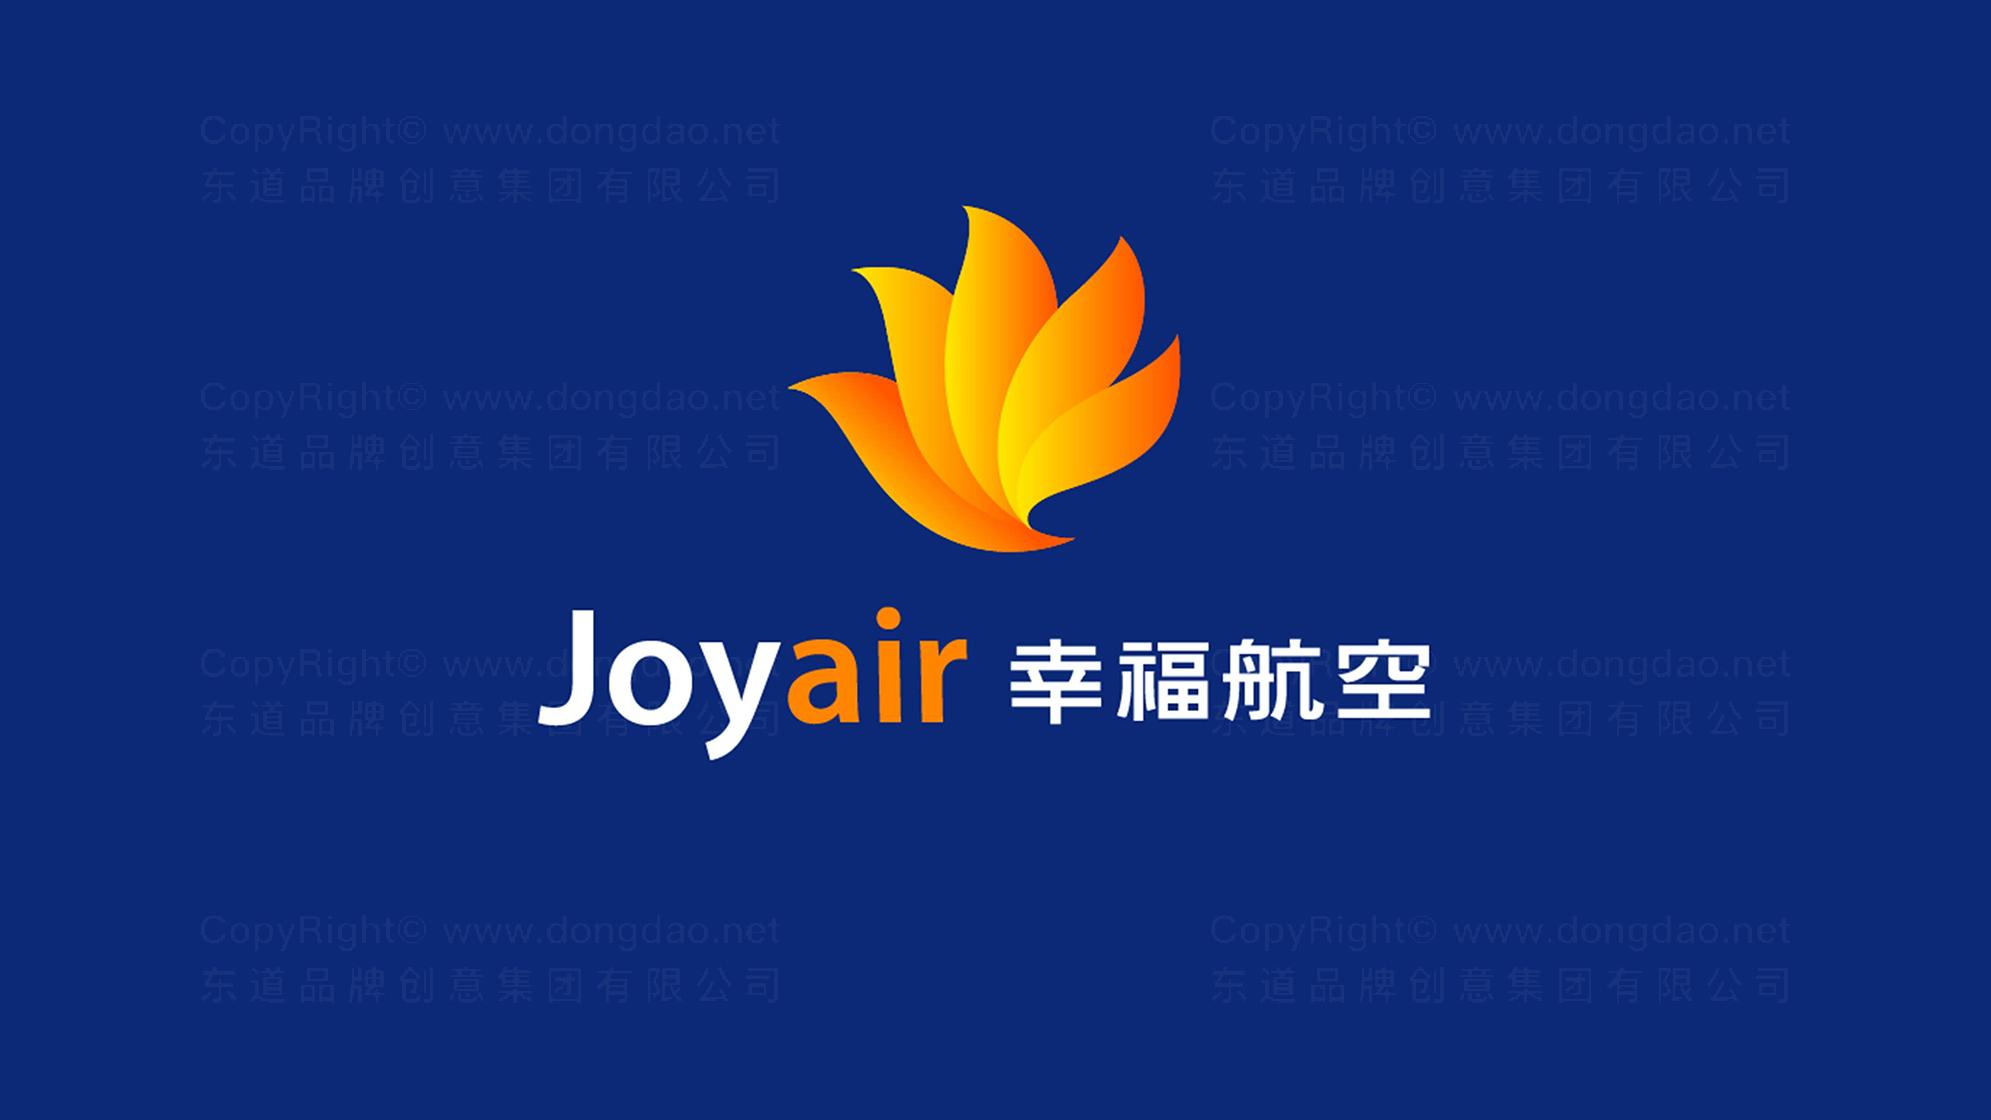 航空公司logo设计、vi设计应用